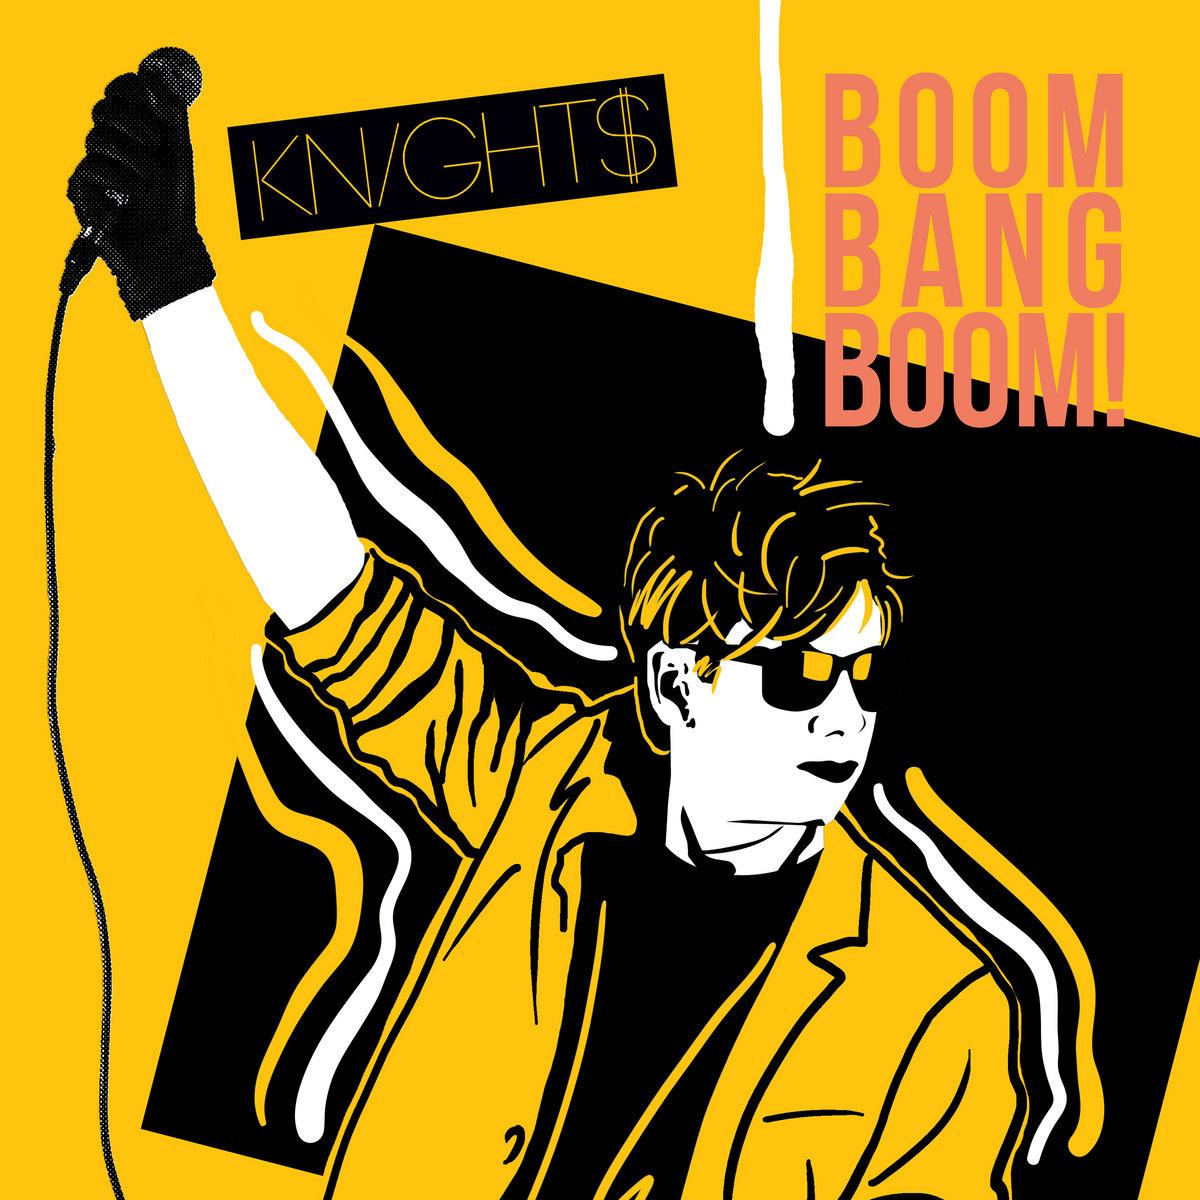 Knight$ - Boom Bang Boom!